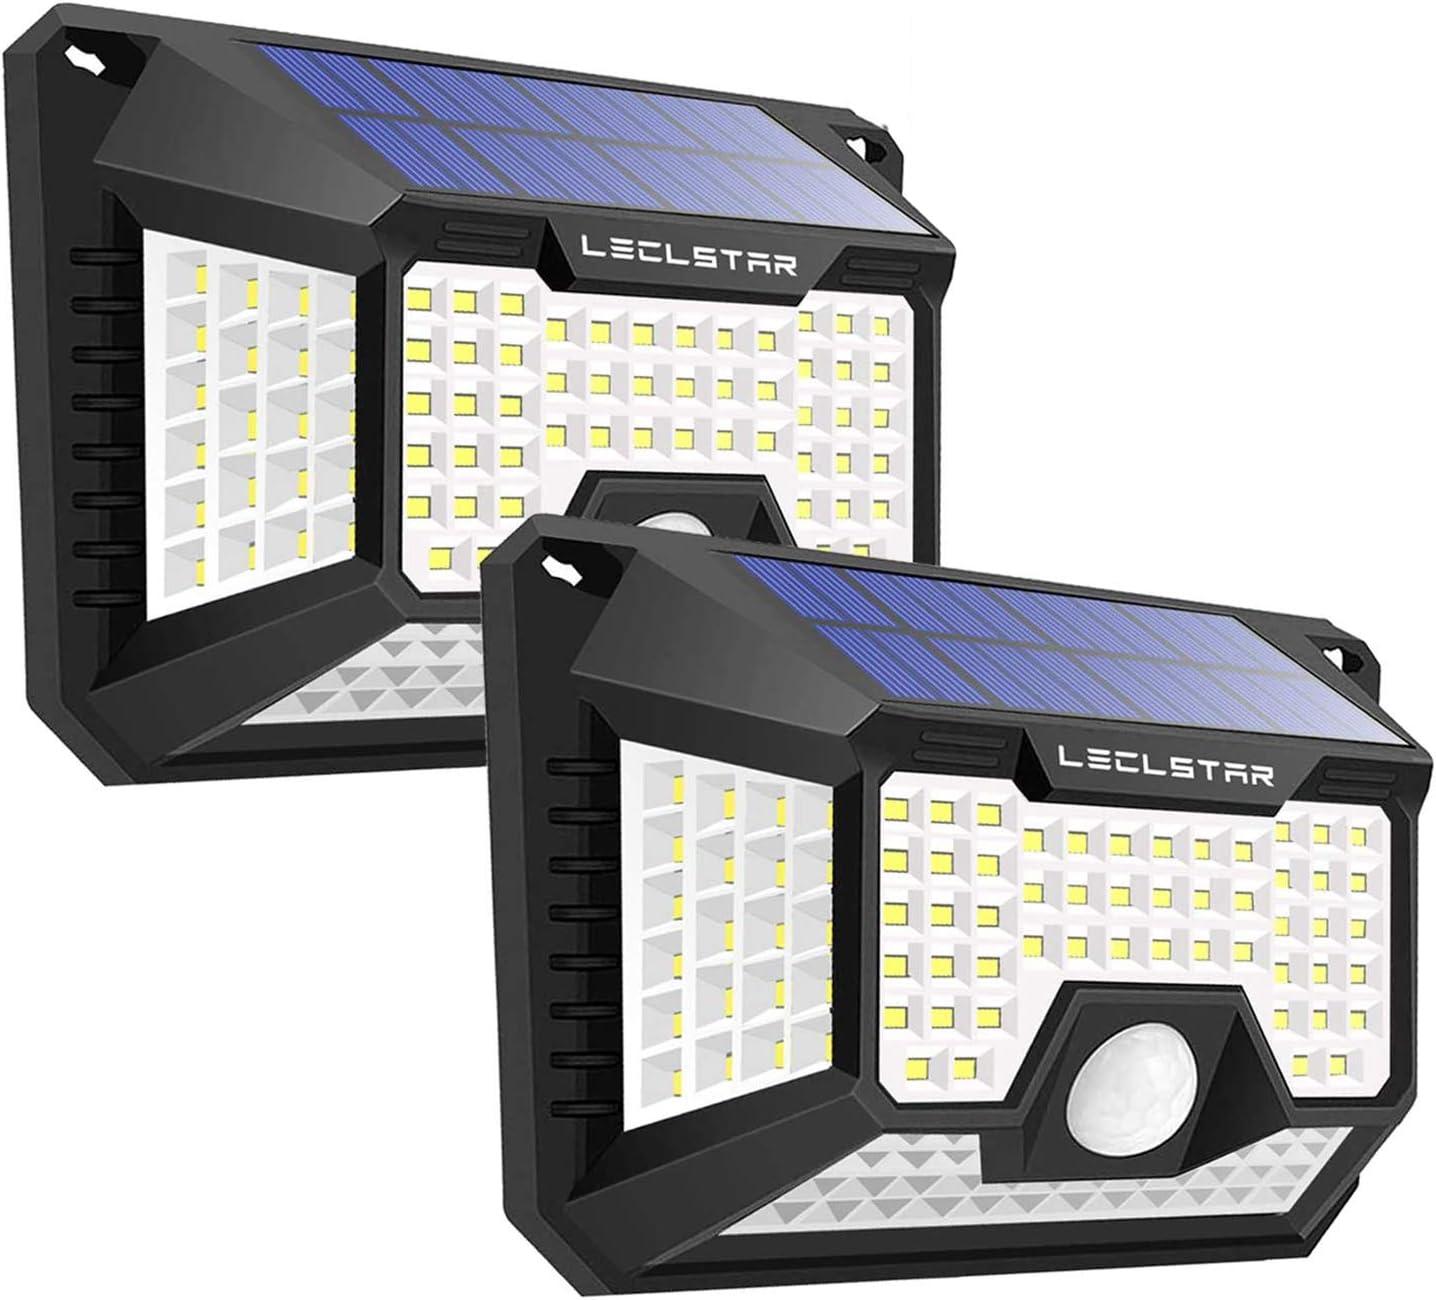 Luz Solar Con Sensor De Movimiento Al Aire Libre Nueva Actualización De 128 Led De Luces Solares Al Aire Libre Luces Solares De Movimiento Al Aire Libre Sensor De Movimiento Solar